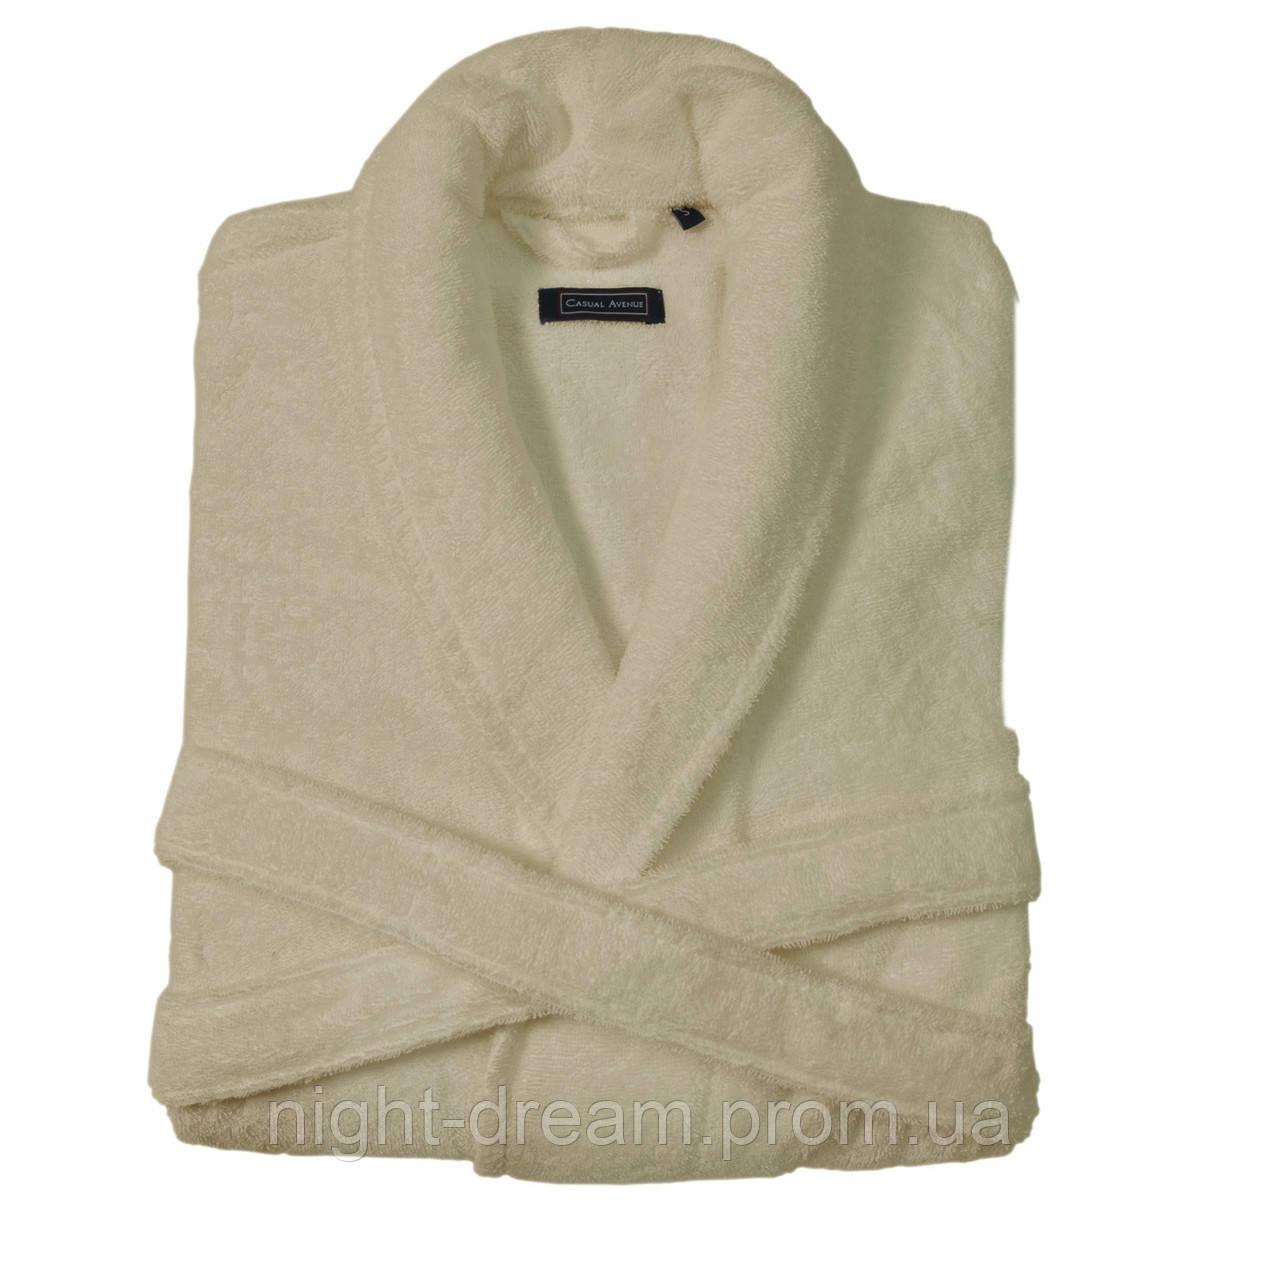 Мужской махровый халат CASUAL AVENUE Chicago IVORY кремовый размер XL